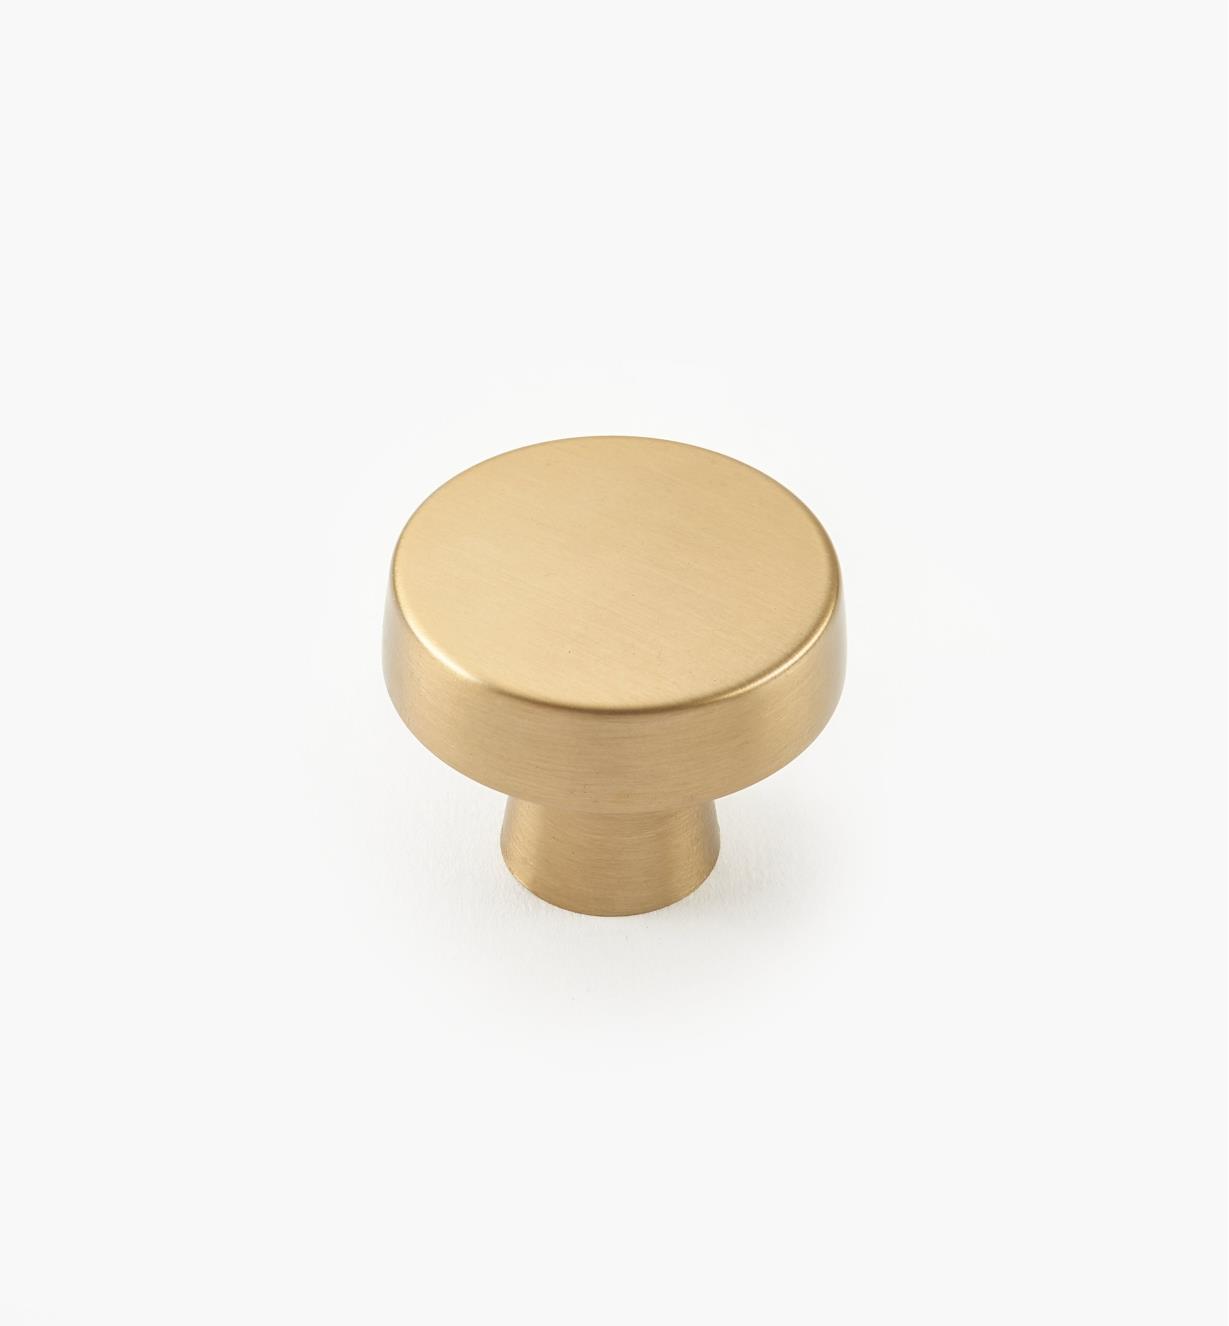 02A1782 - Bouton rond de 15/8po x 13/8po, série Blackrock, champagne, l'unité